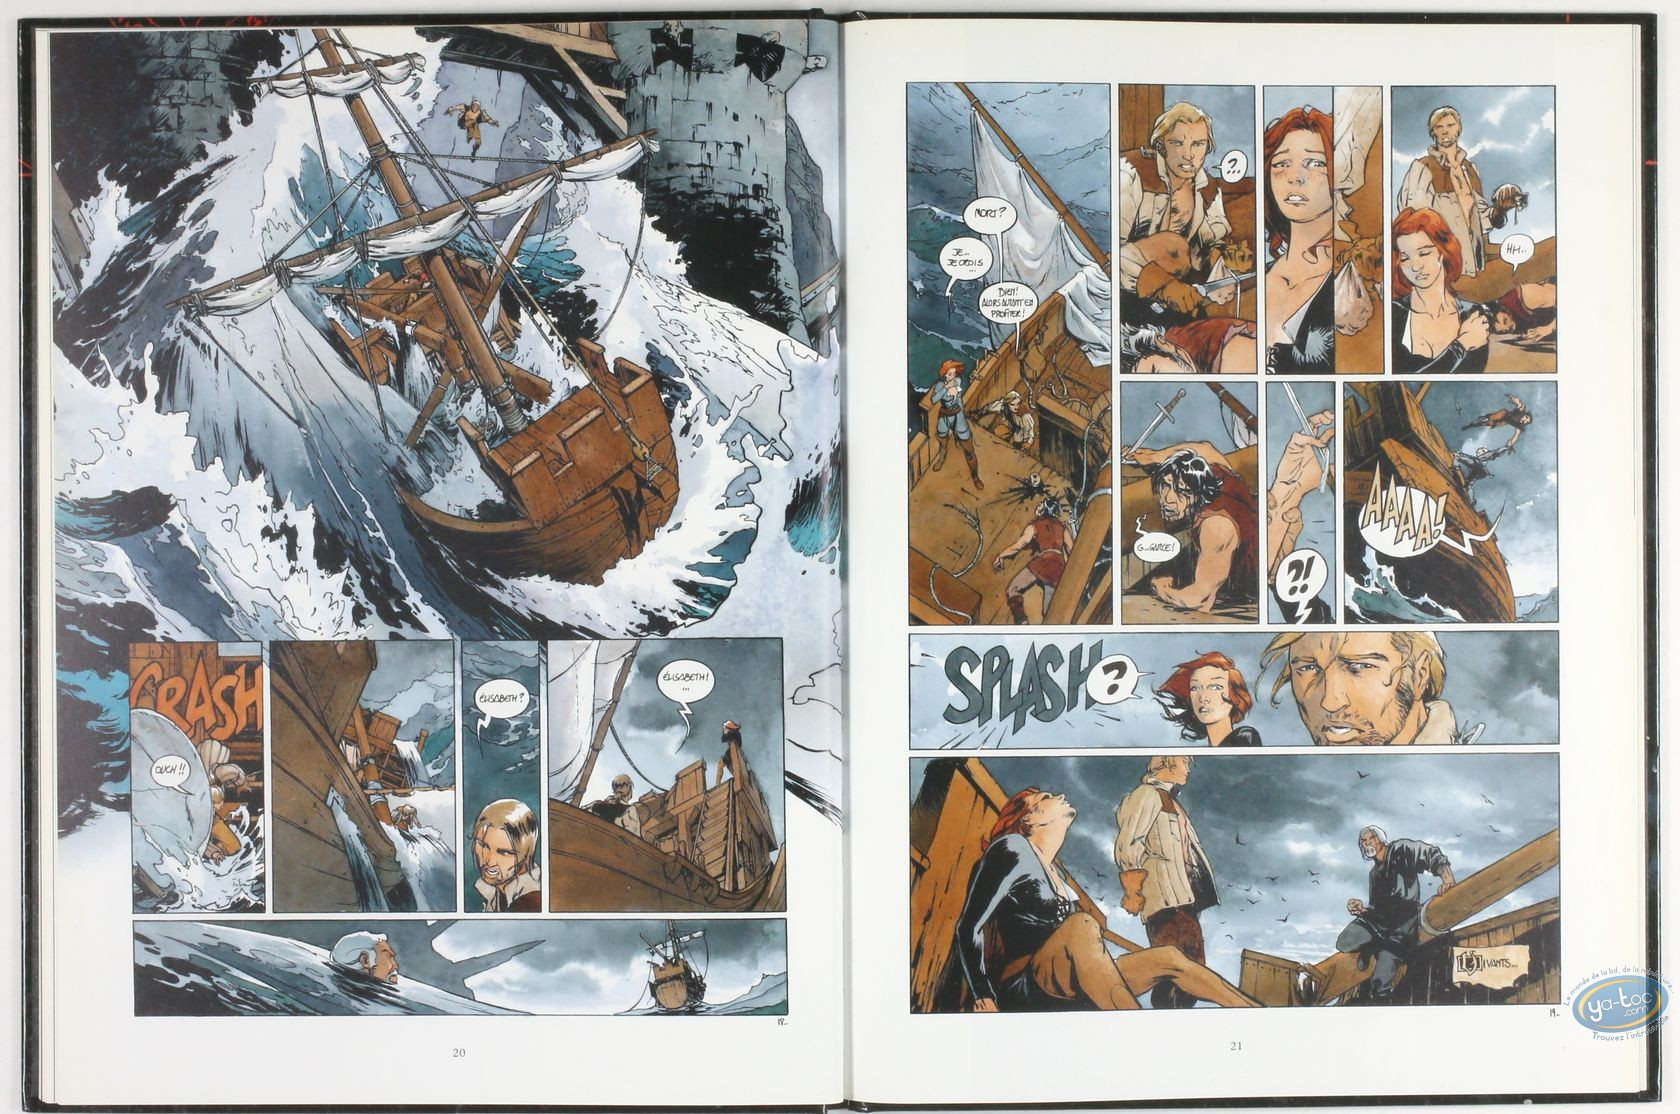 Listed European Comic Books, Troisième Testament (Le) : Comic book, Alice, Le Troisieme Testament volume 3 : Luc, ou le Souffle du Taureau (dedication)